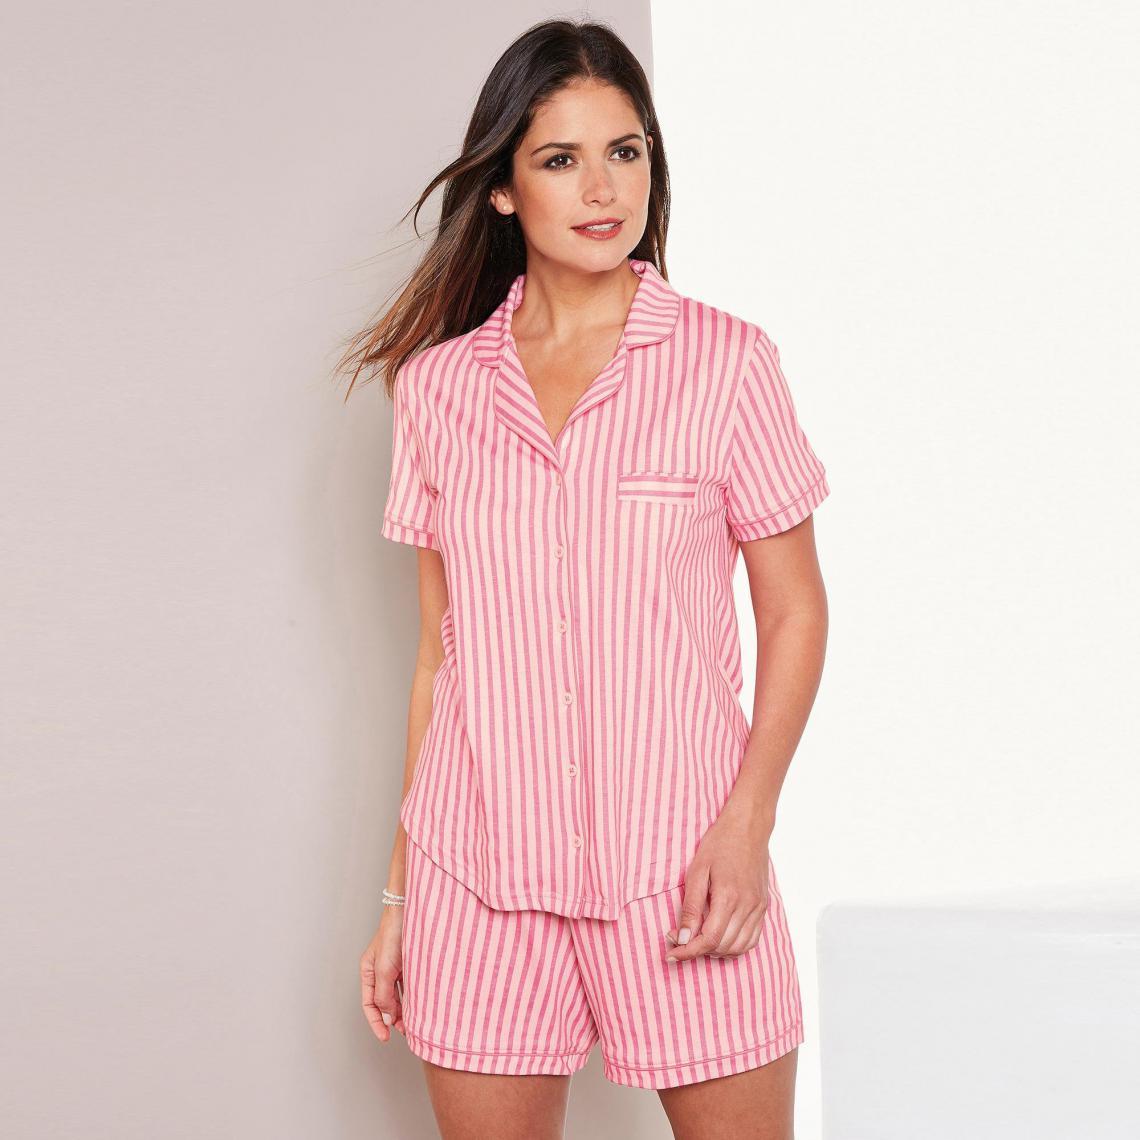 Pyjama rayé chemise manches courtes et short femme Exclusivité 3SUISSES -  rayé rose 3 SUISSES Lingerie 0d8f3dad847